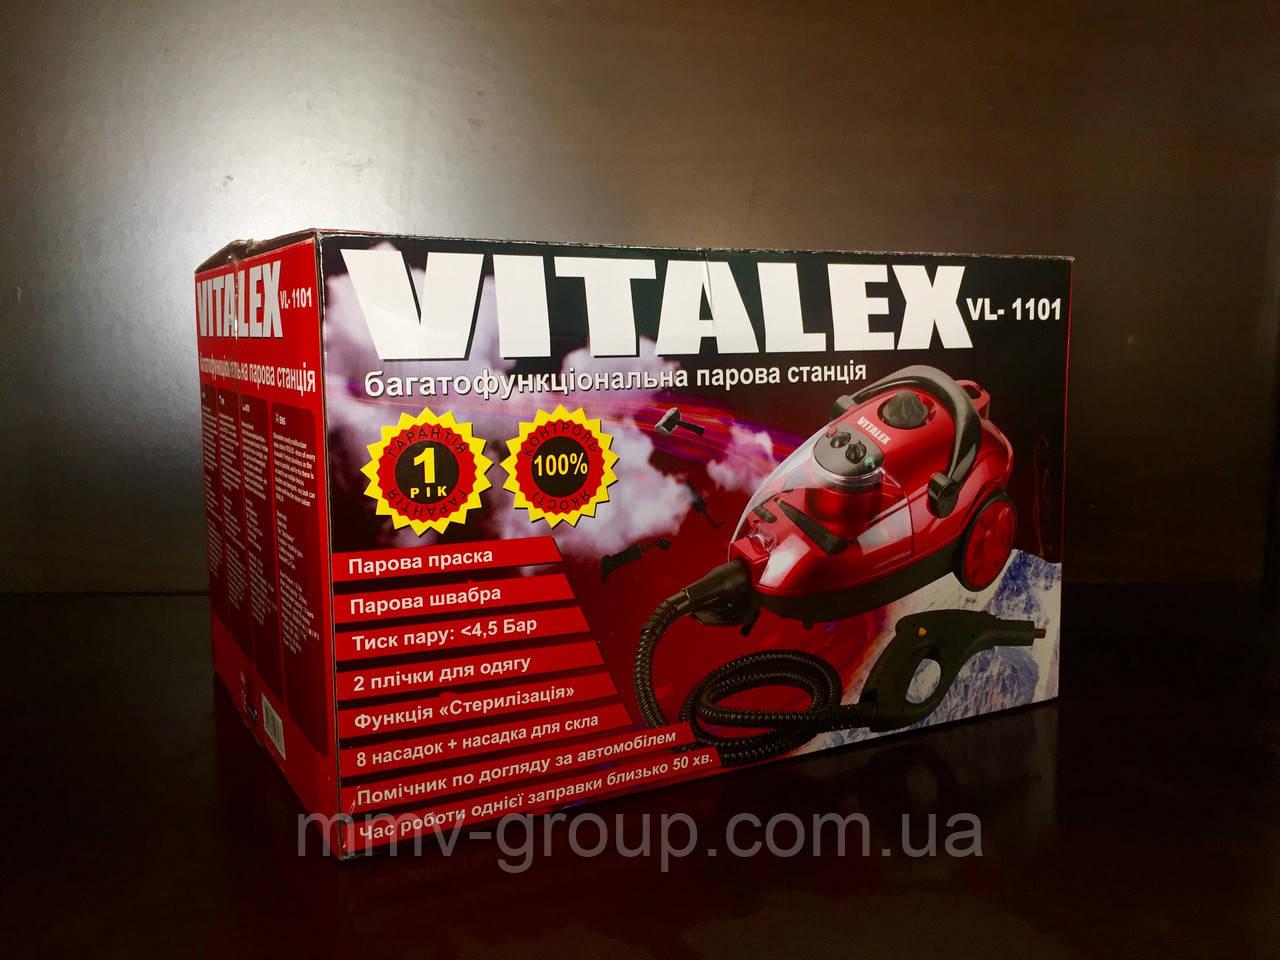 Паровая станция VITALEX VL-1101